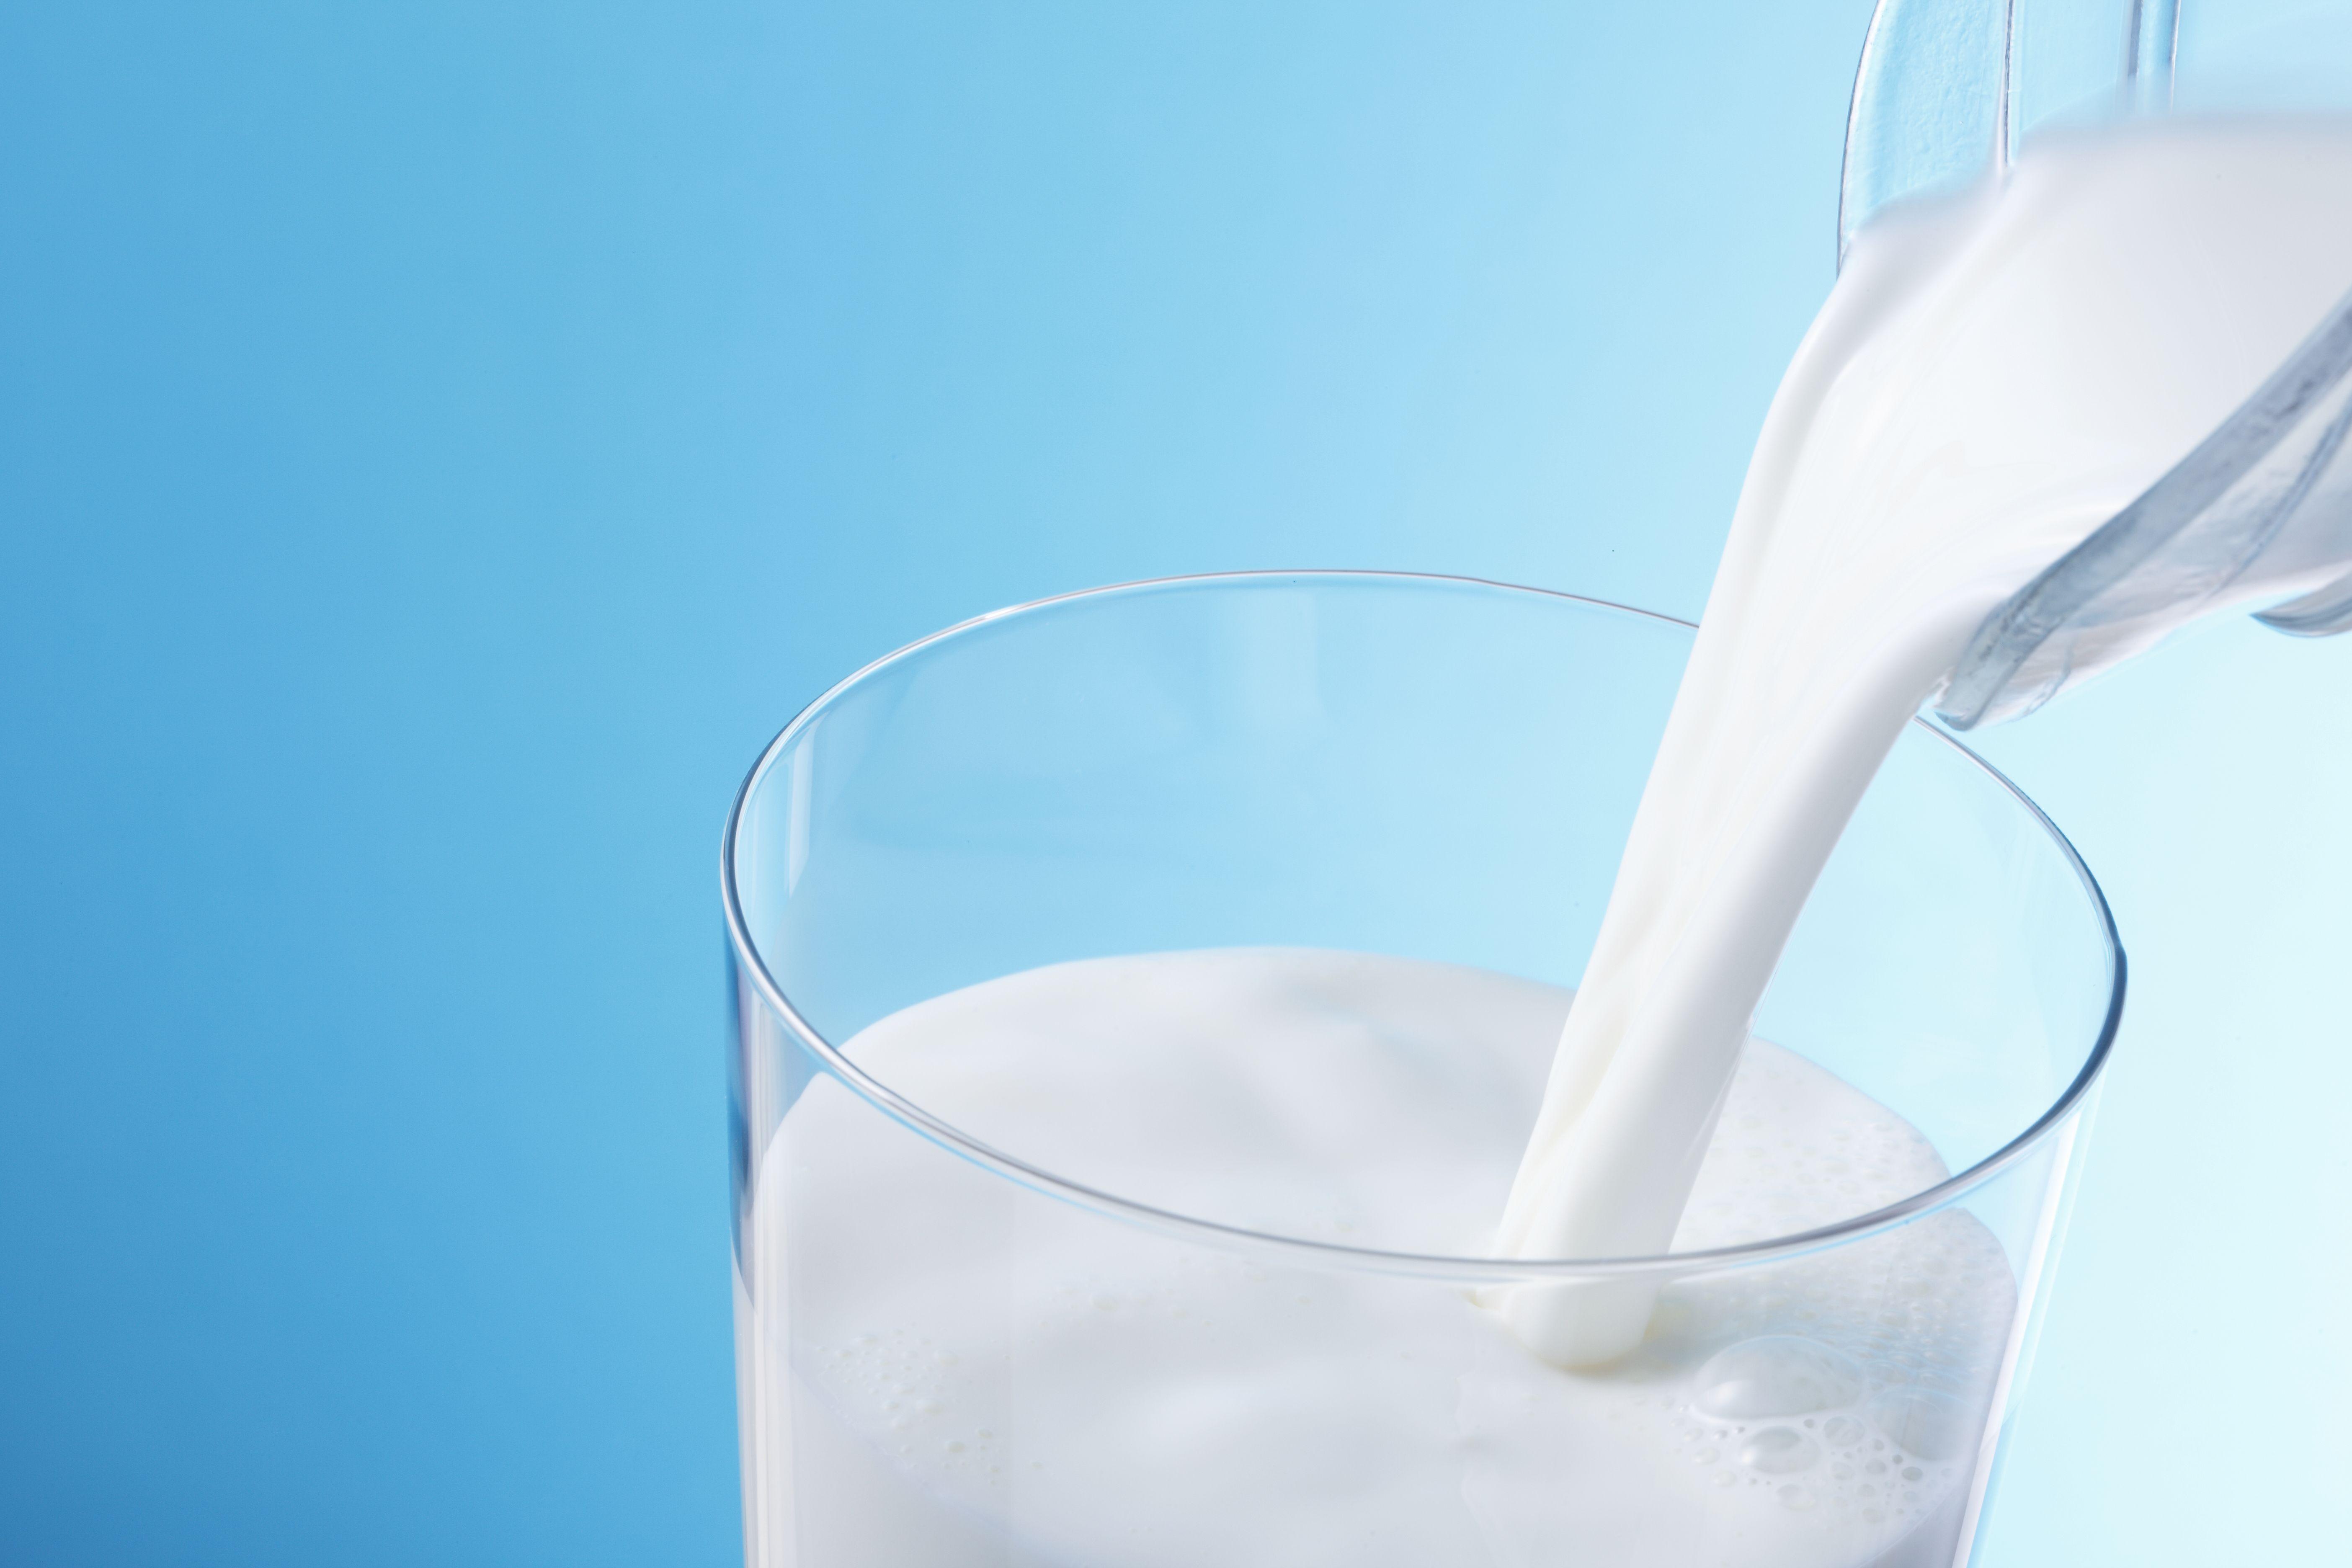 Laktosintolerans innebär att man inte tål mjölksocker, och då kan man istället använda laktosfria produkter.